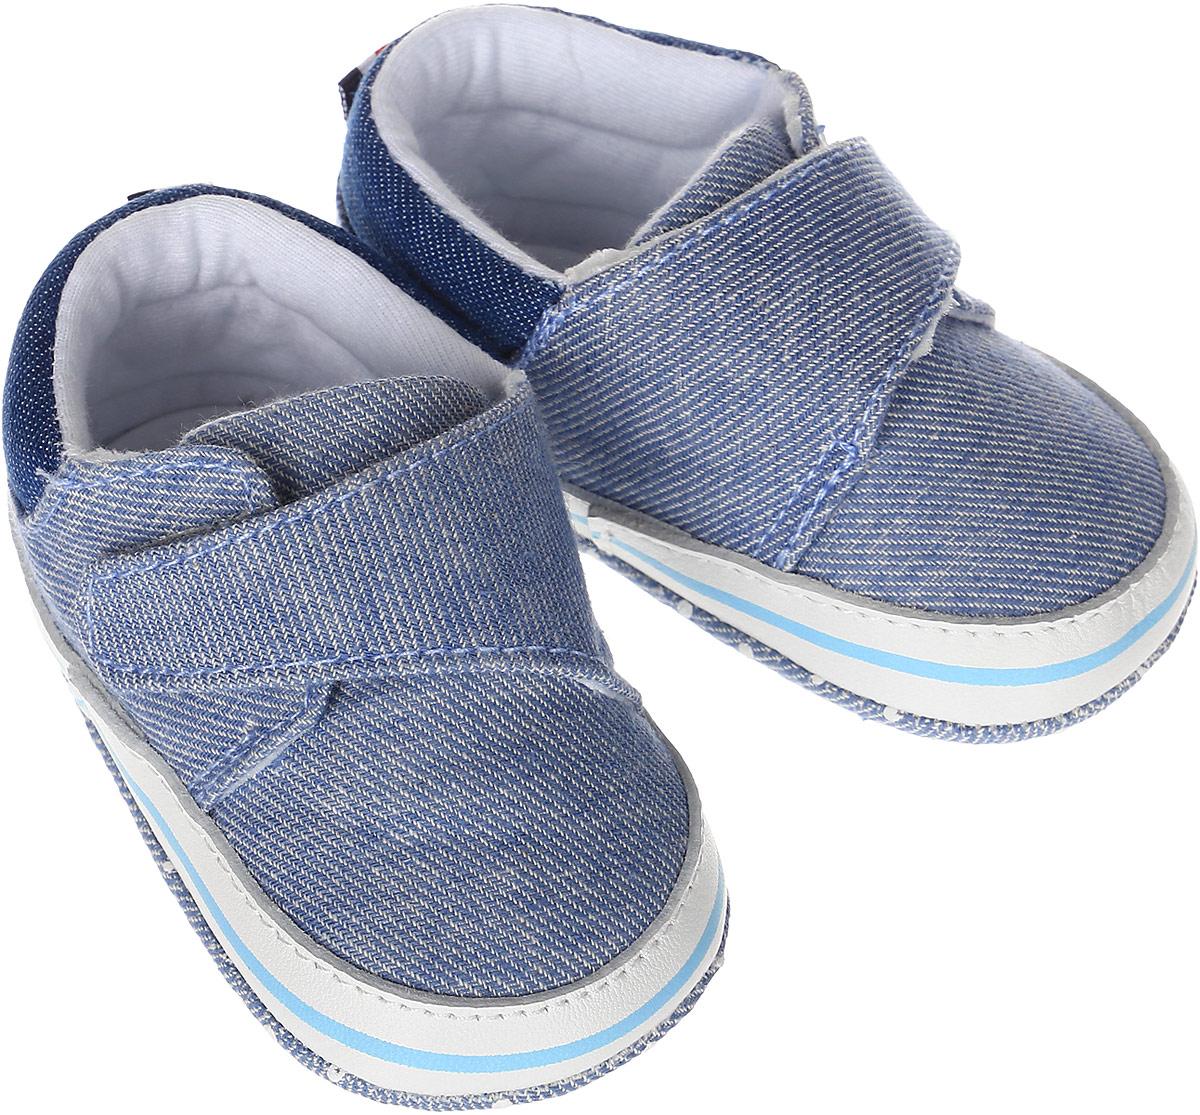 Пинетки для мальчиков Kapika, цвет: джинс. 10126. Размер 18 пинетки детские капика цвет серый 10126 размер 18